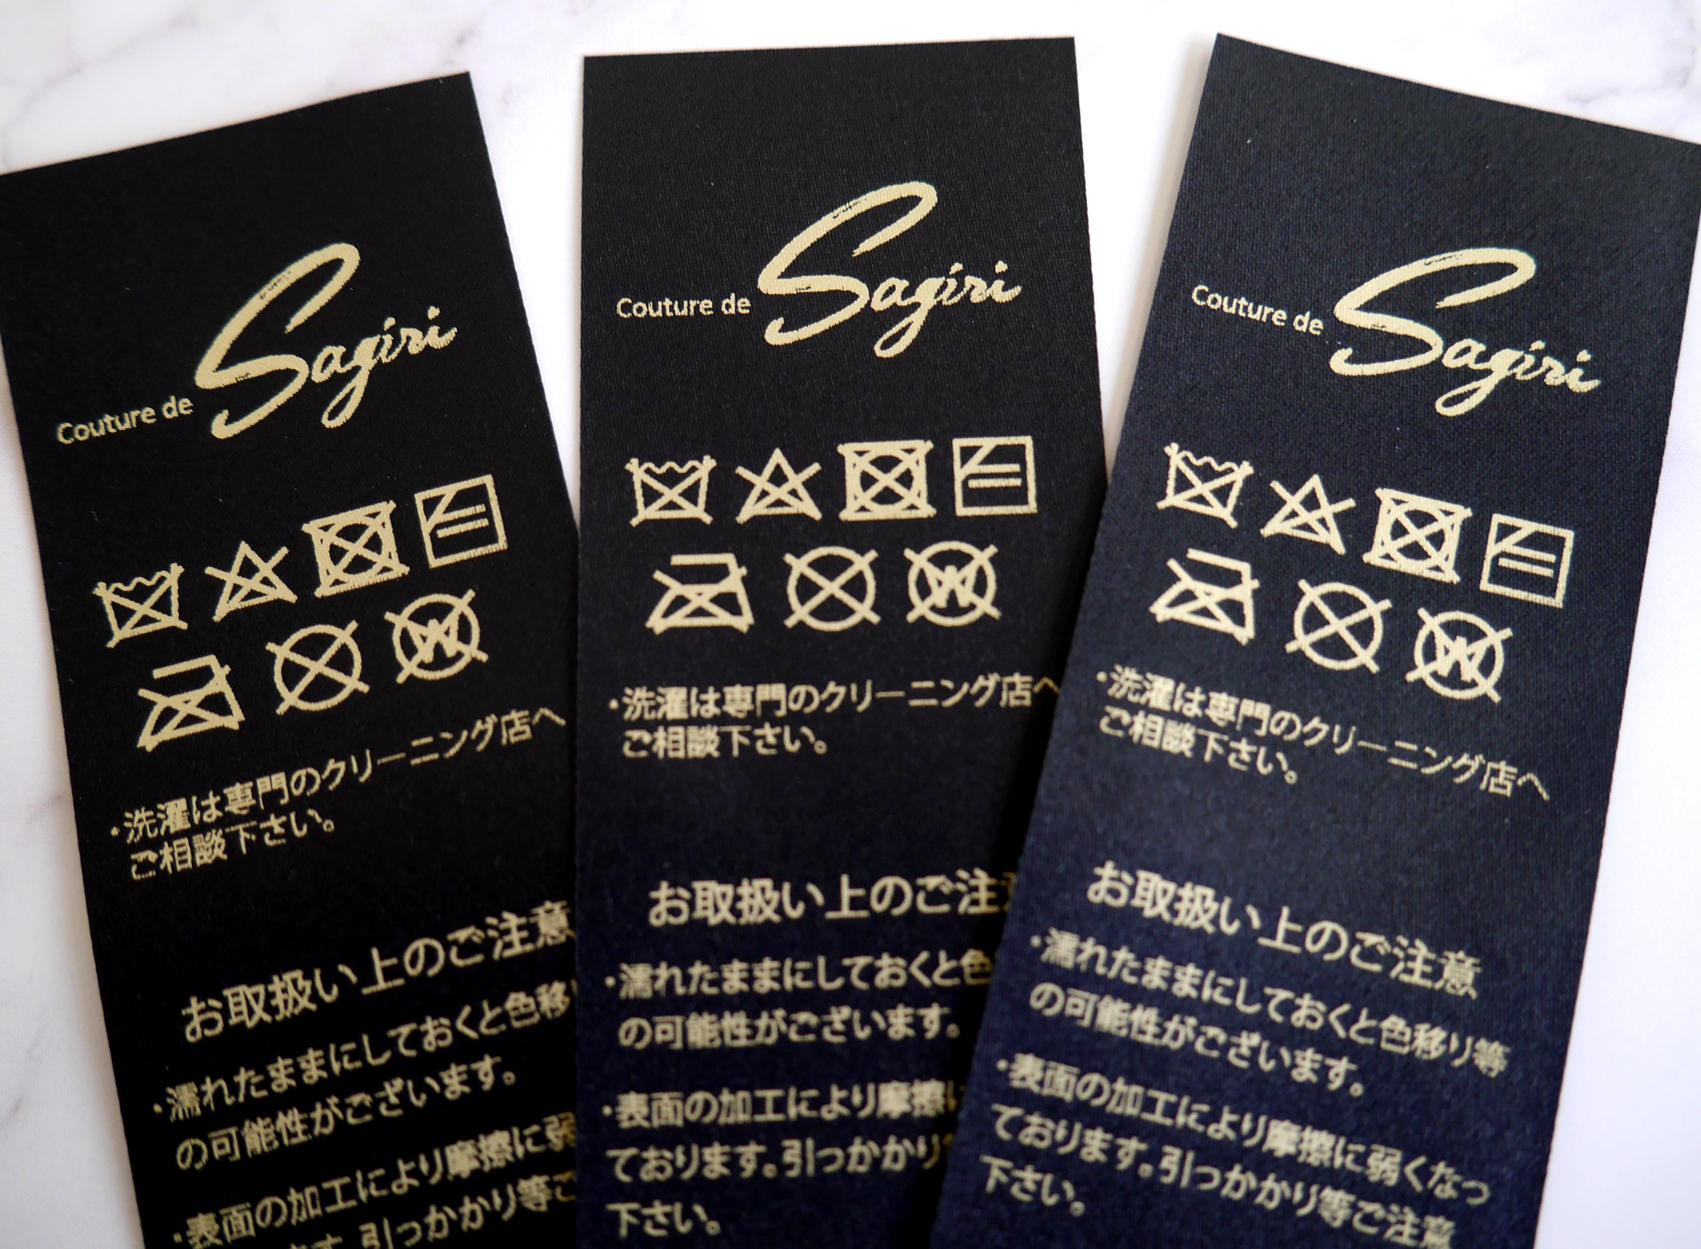 東京都港区【オトナデザイン 株式会社】様より品質表示タグを印刷しました